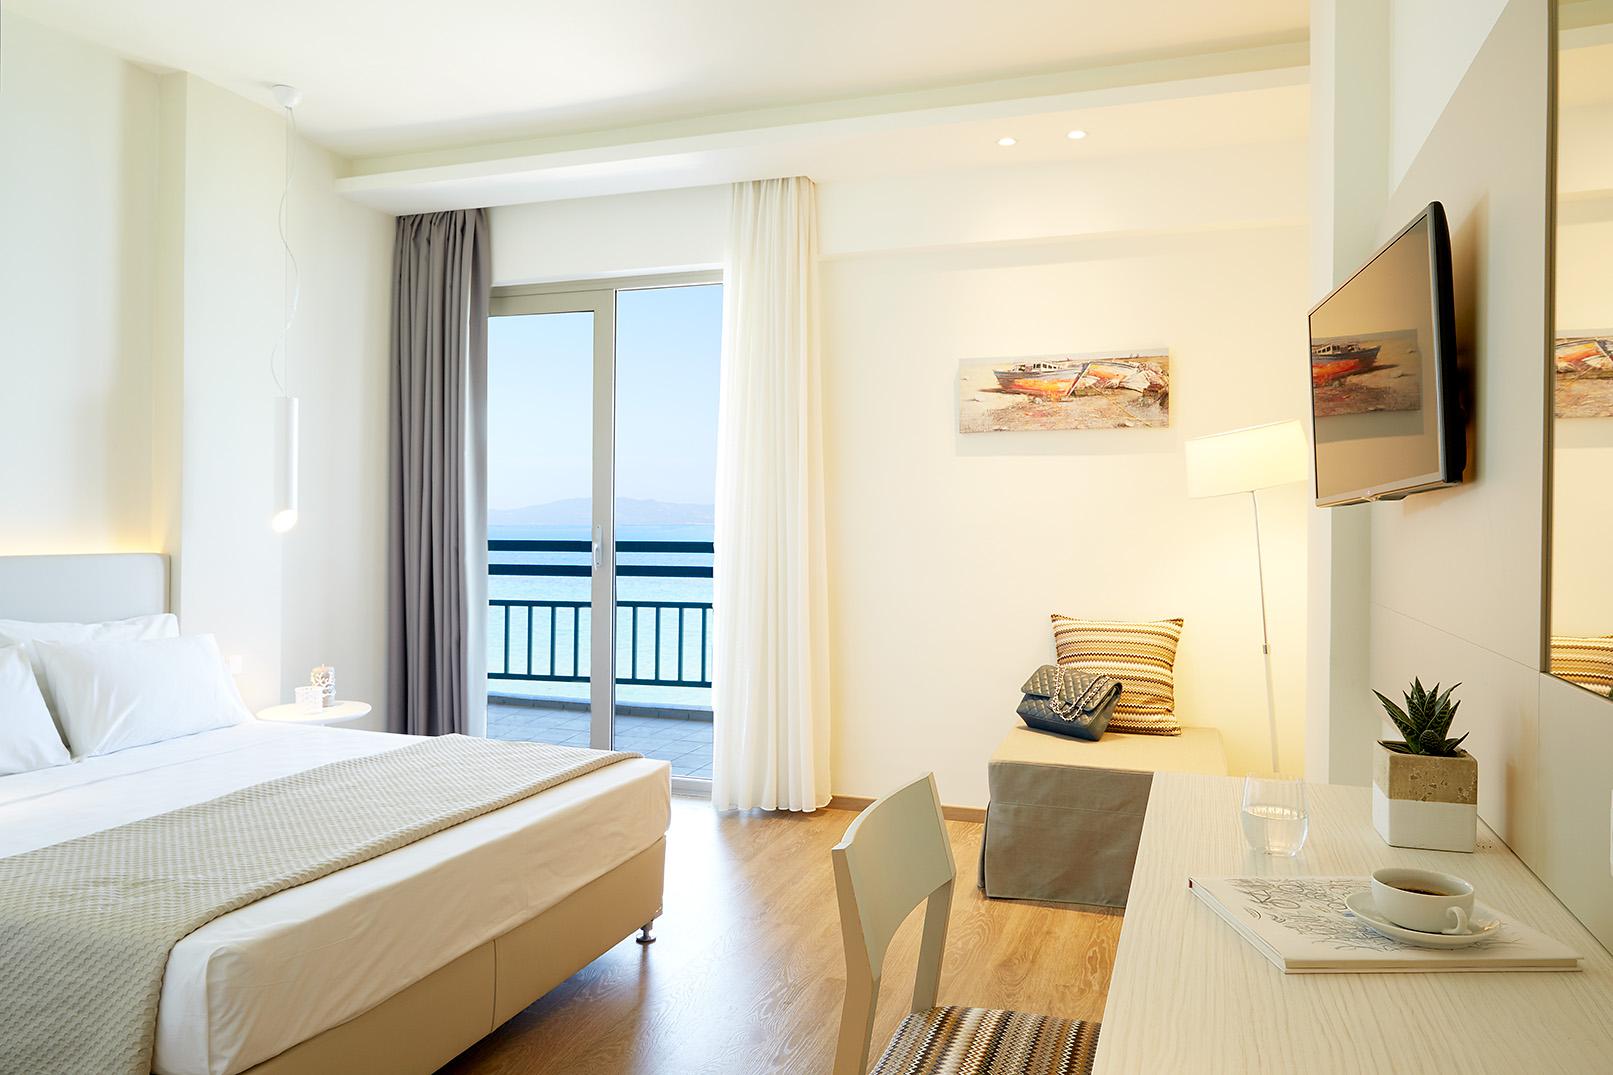 Chambre Double Deluxe vue mer à hôtel Ammon Zeus 5 étoiles